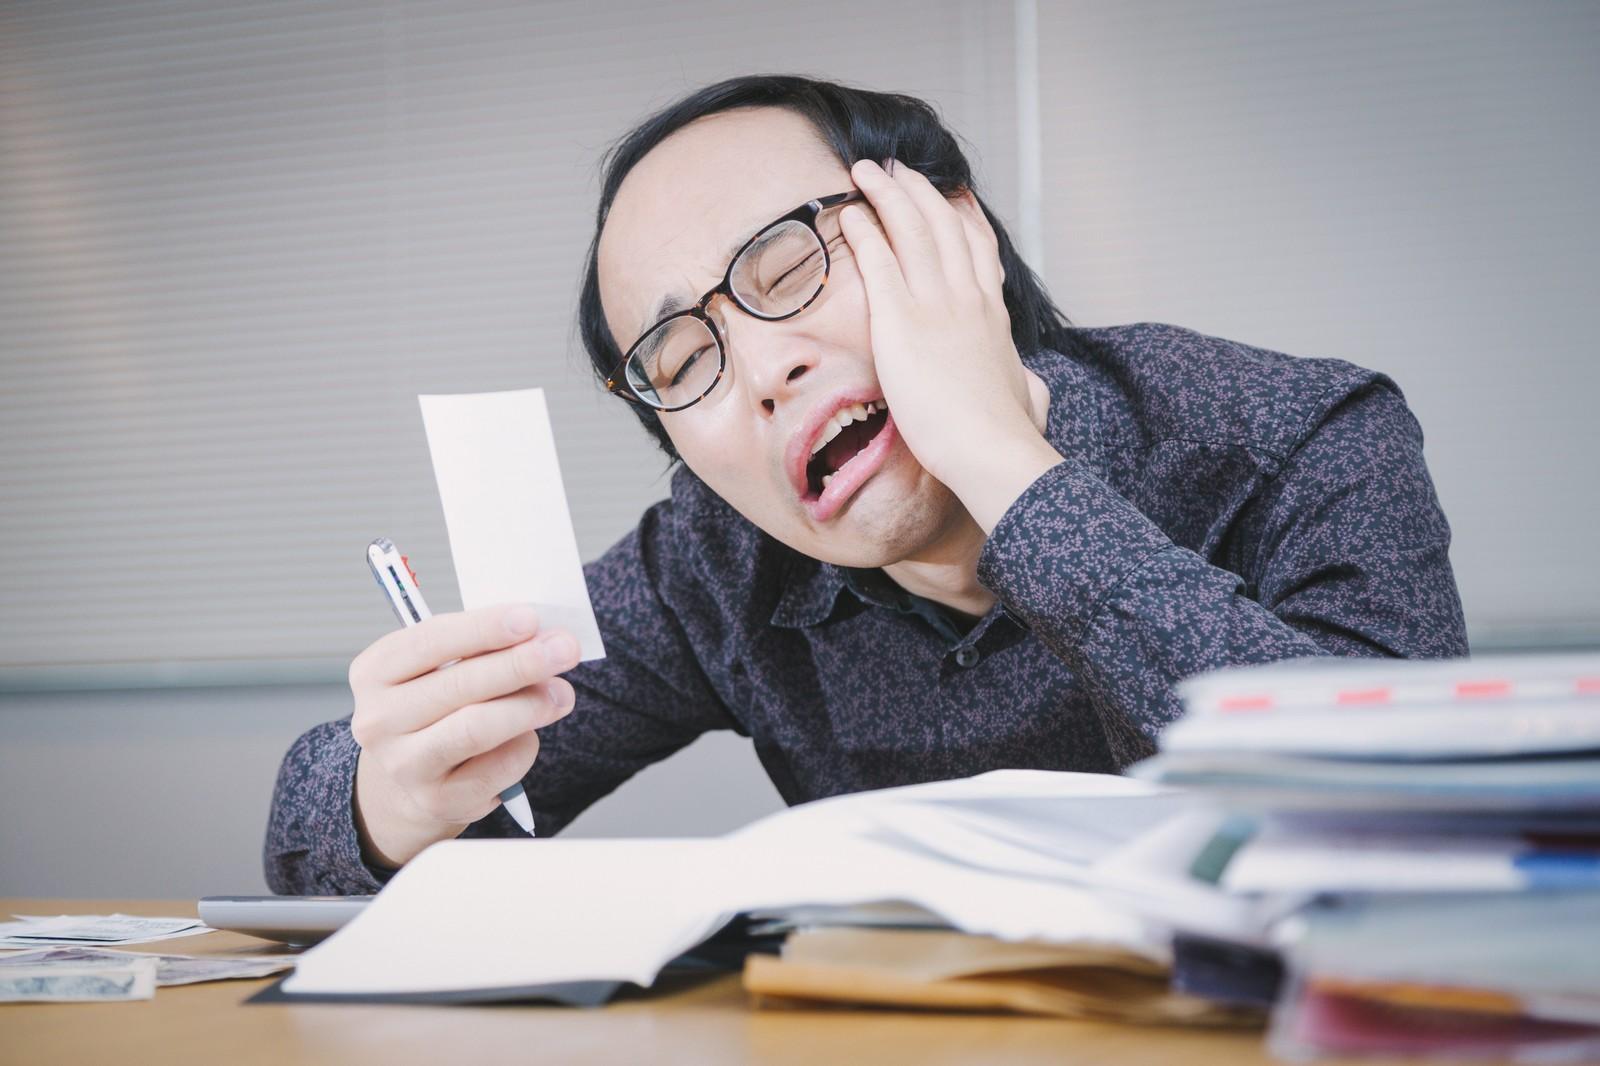 仕事がめんどくさいと感じてしまう理由や対処法